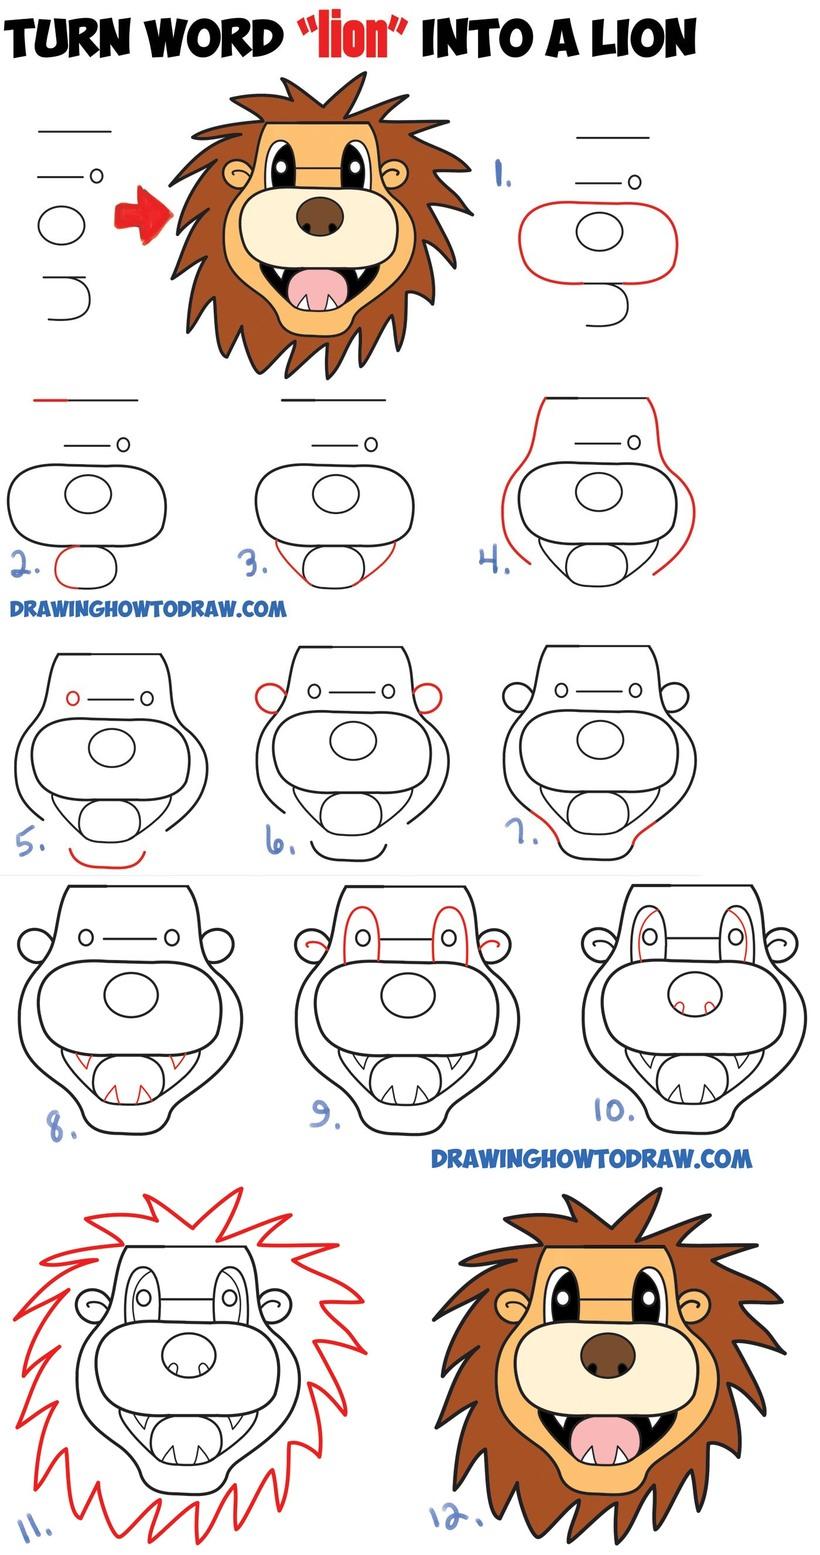 leon leones dibujos faciles 7